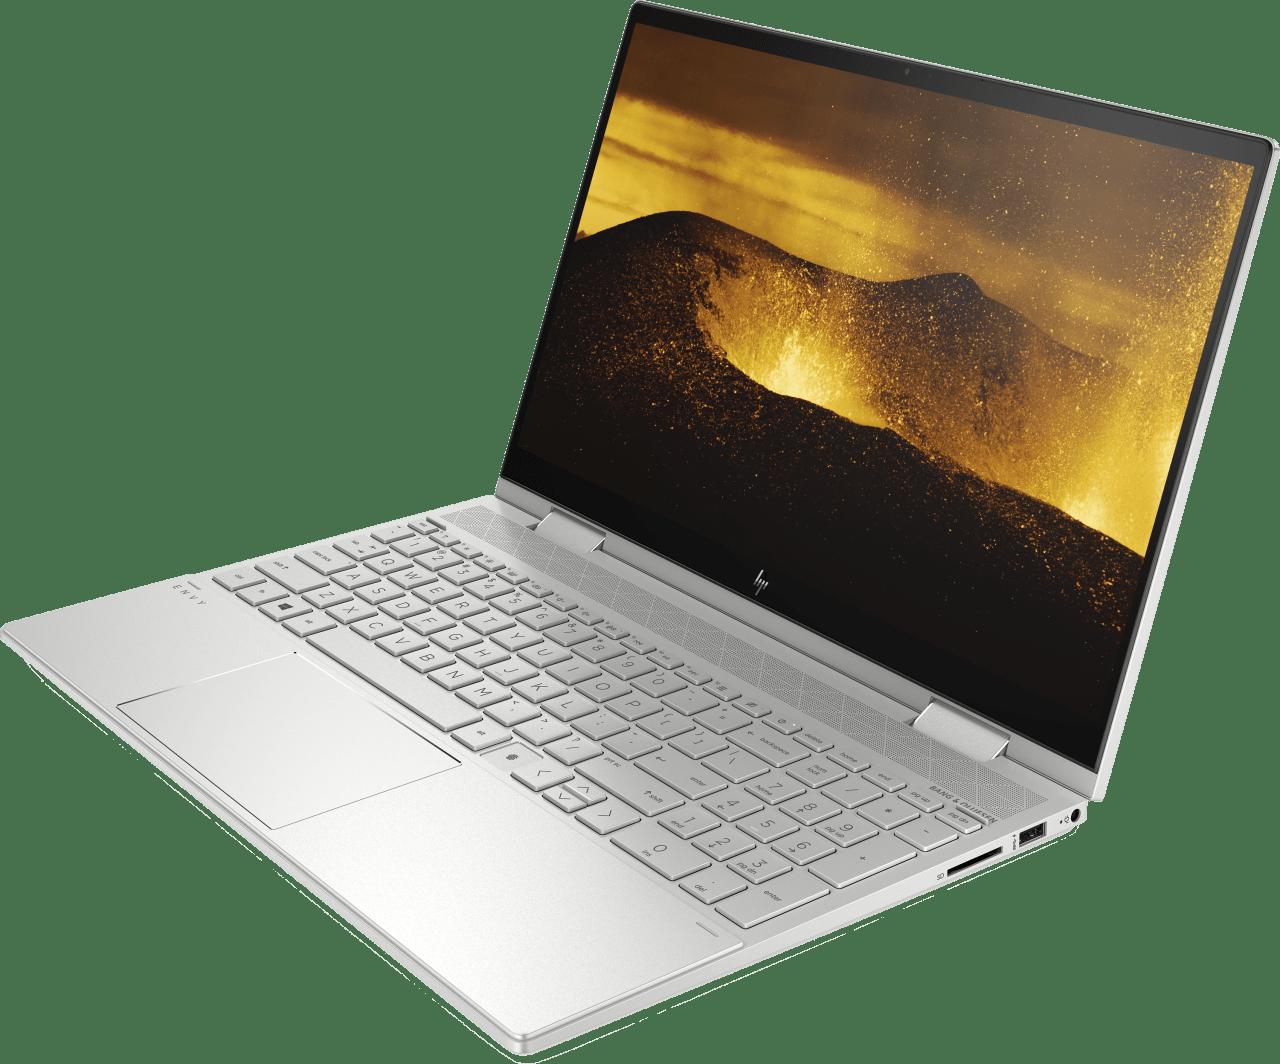 Natural Silver HP Envy x360 15-ed0272ng 2in1 - Intel® Core™ i7-1065G7 - 12GB - 512GB PCIe - Intel® UHD Graphics.4